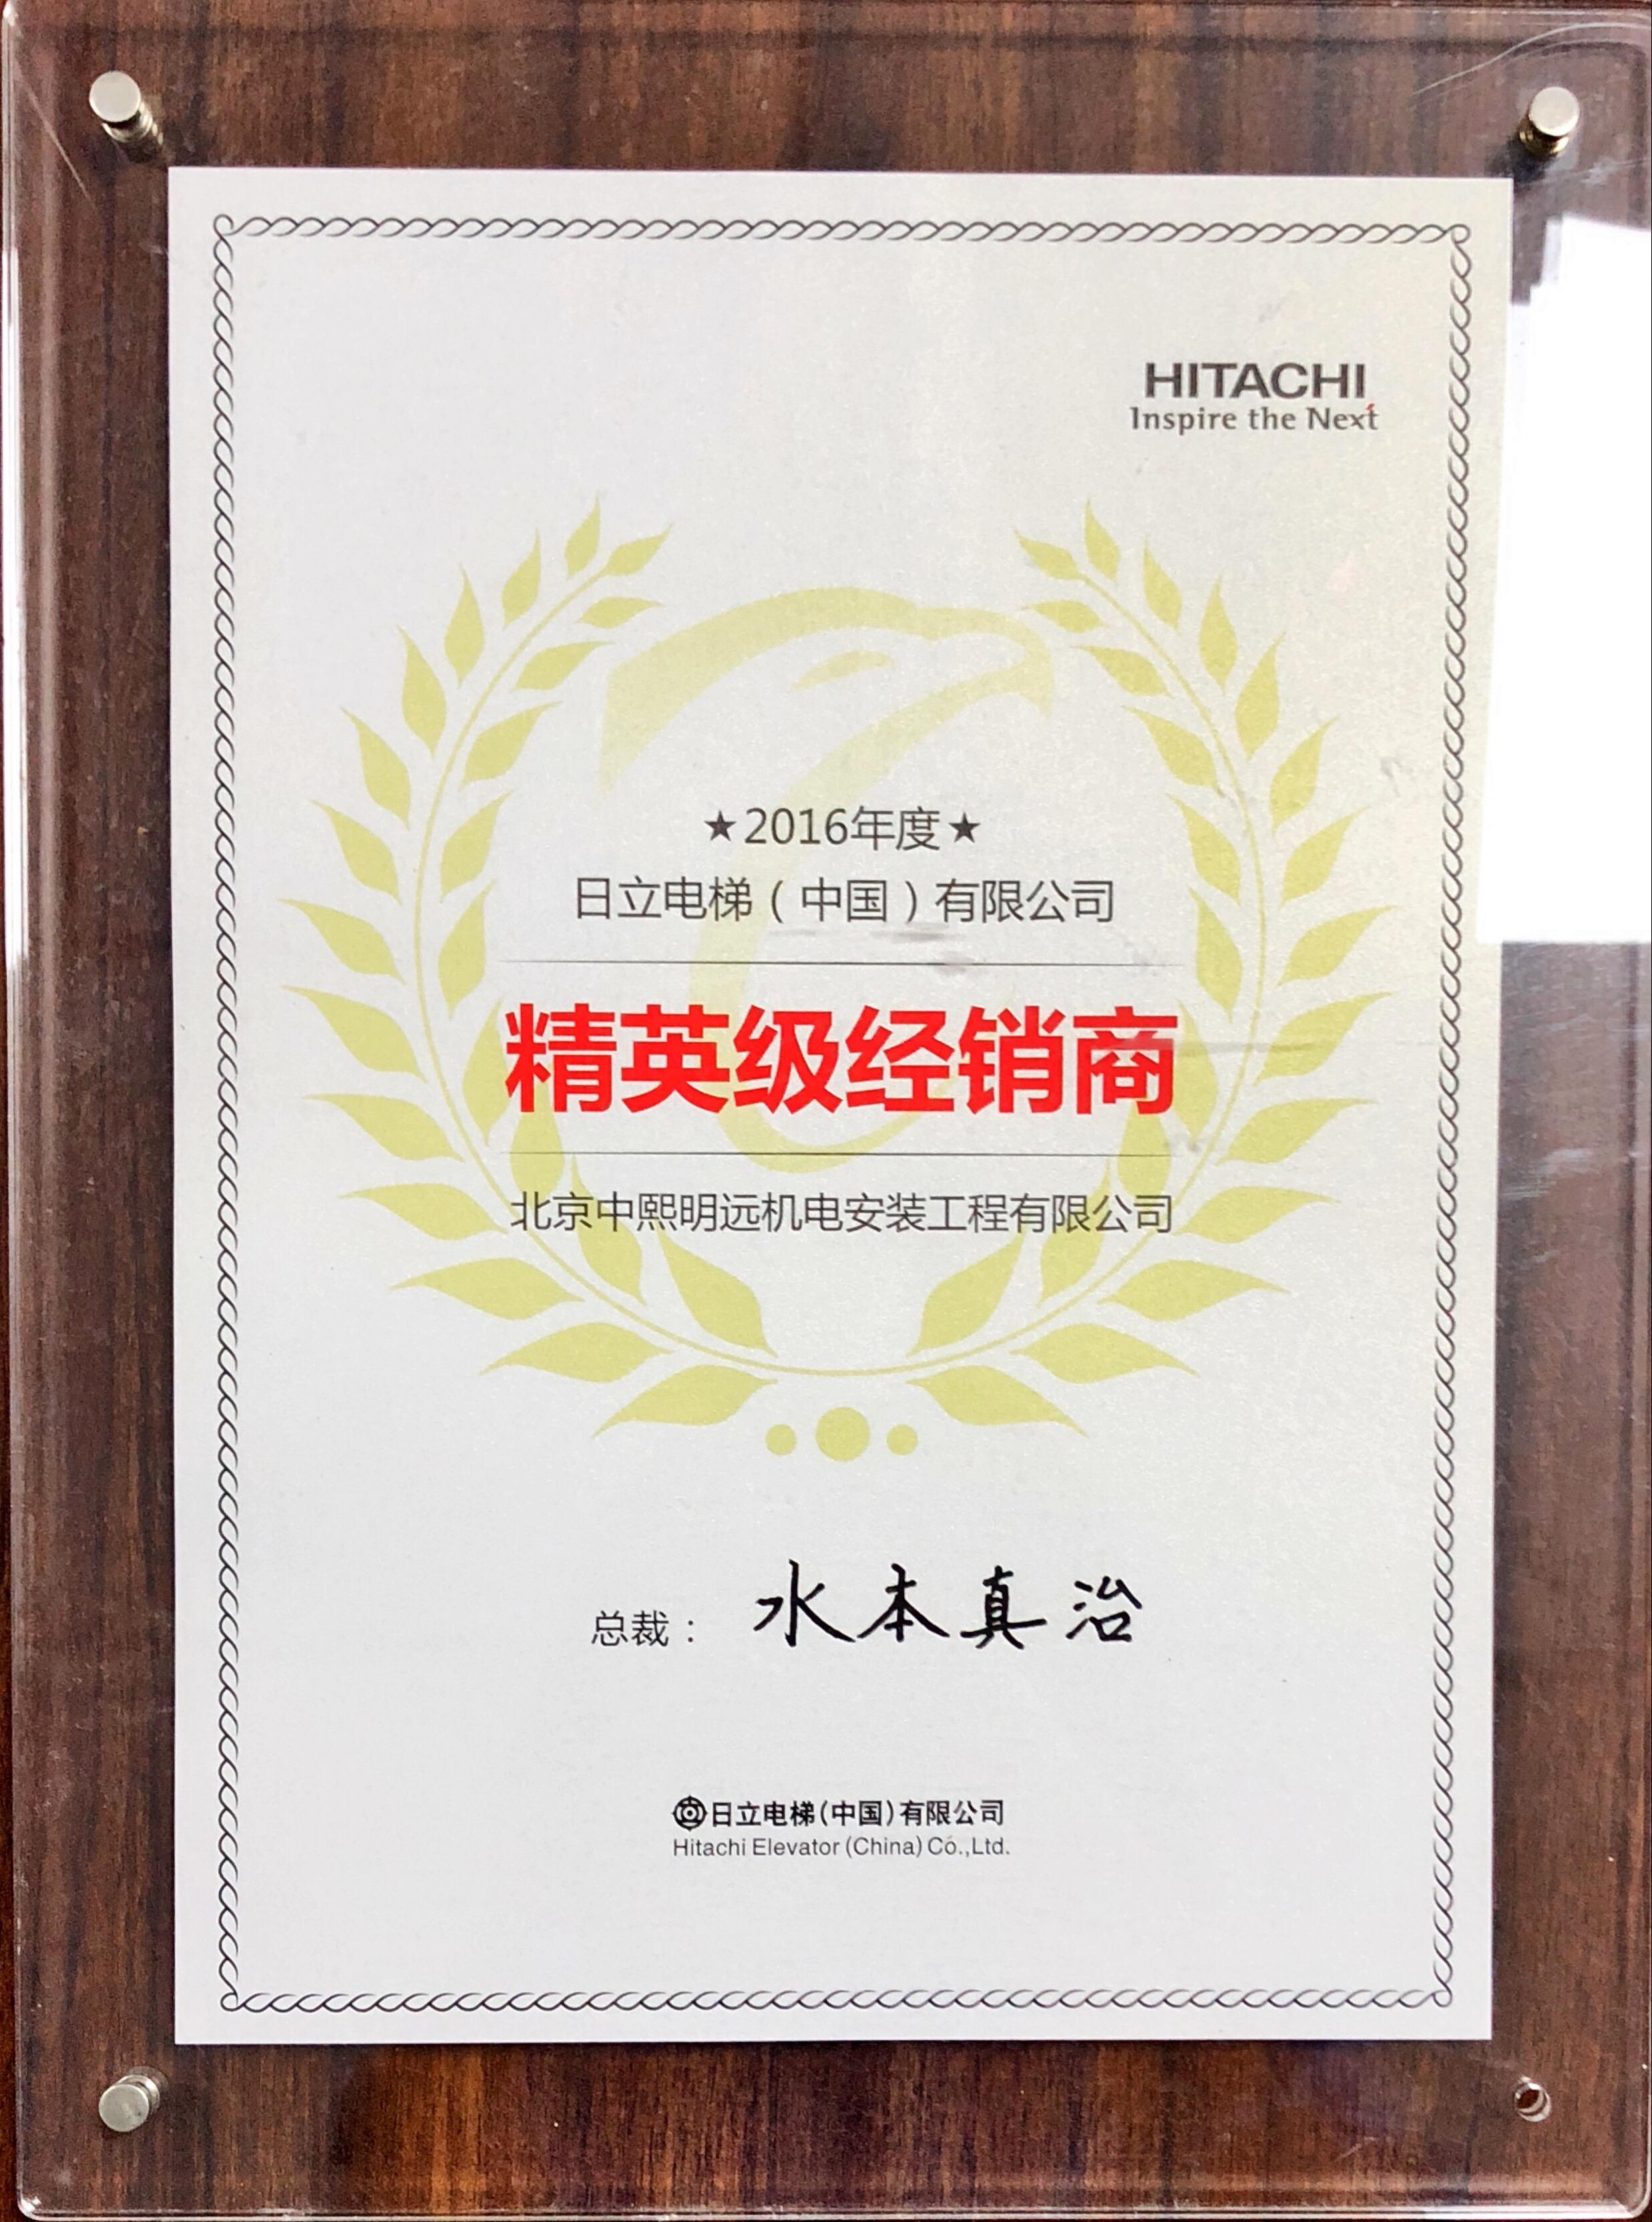 2016年度日立电梯(中国)有限公司-精英级经销商